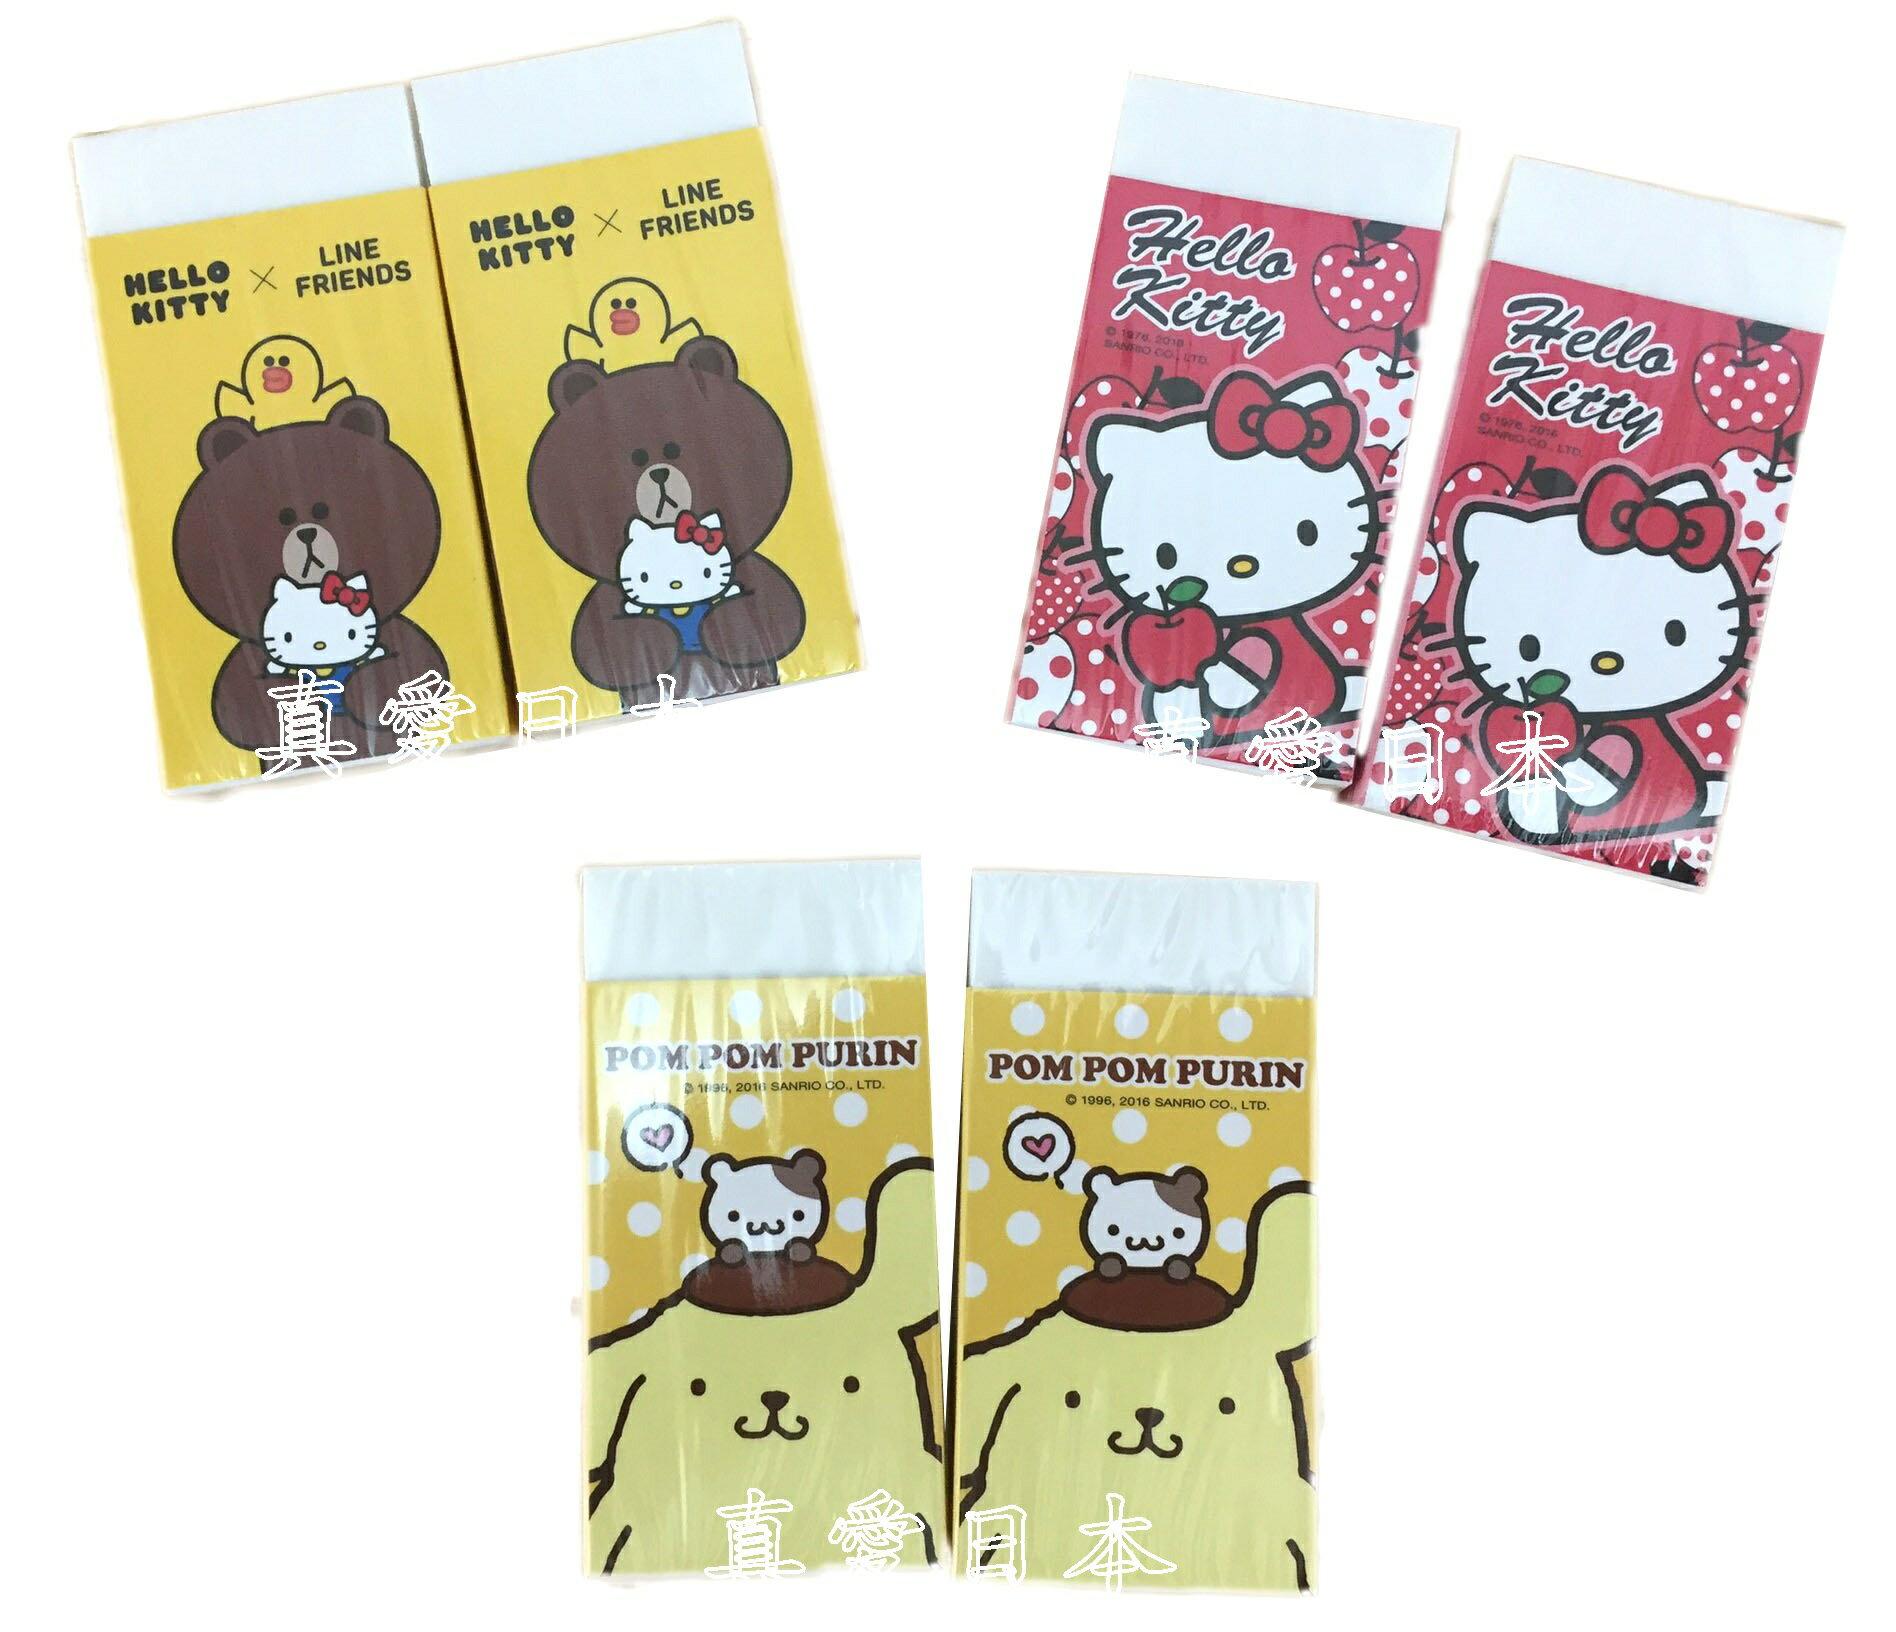 【真愛日本】16070700002超大橡皮擦2入-3款  (隨機)  三麗鷗 Hello Kitty 凱蒂貓 文具用品